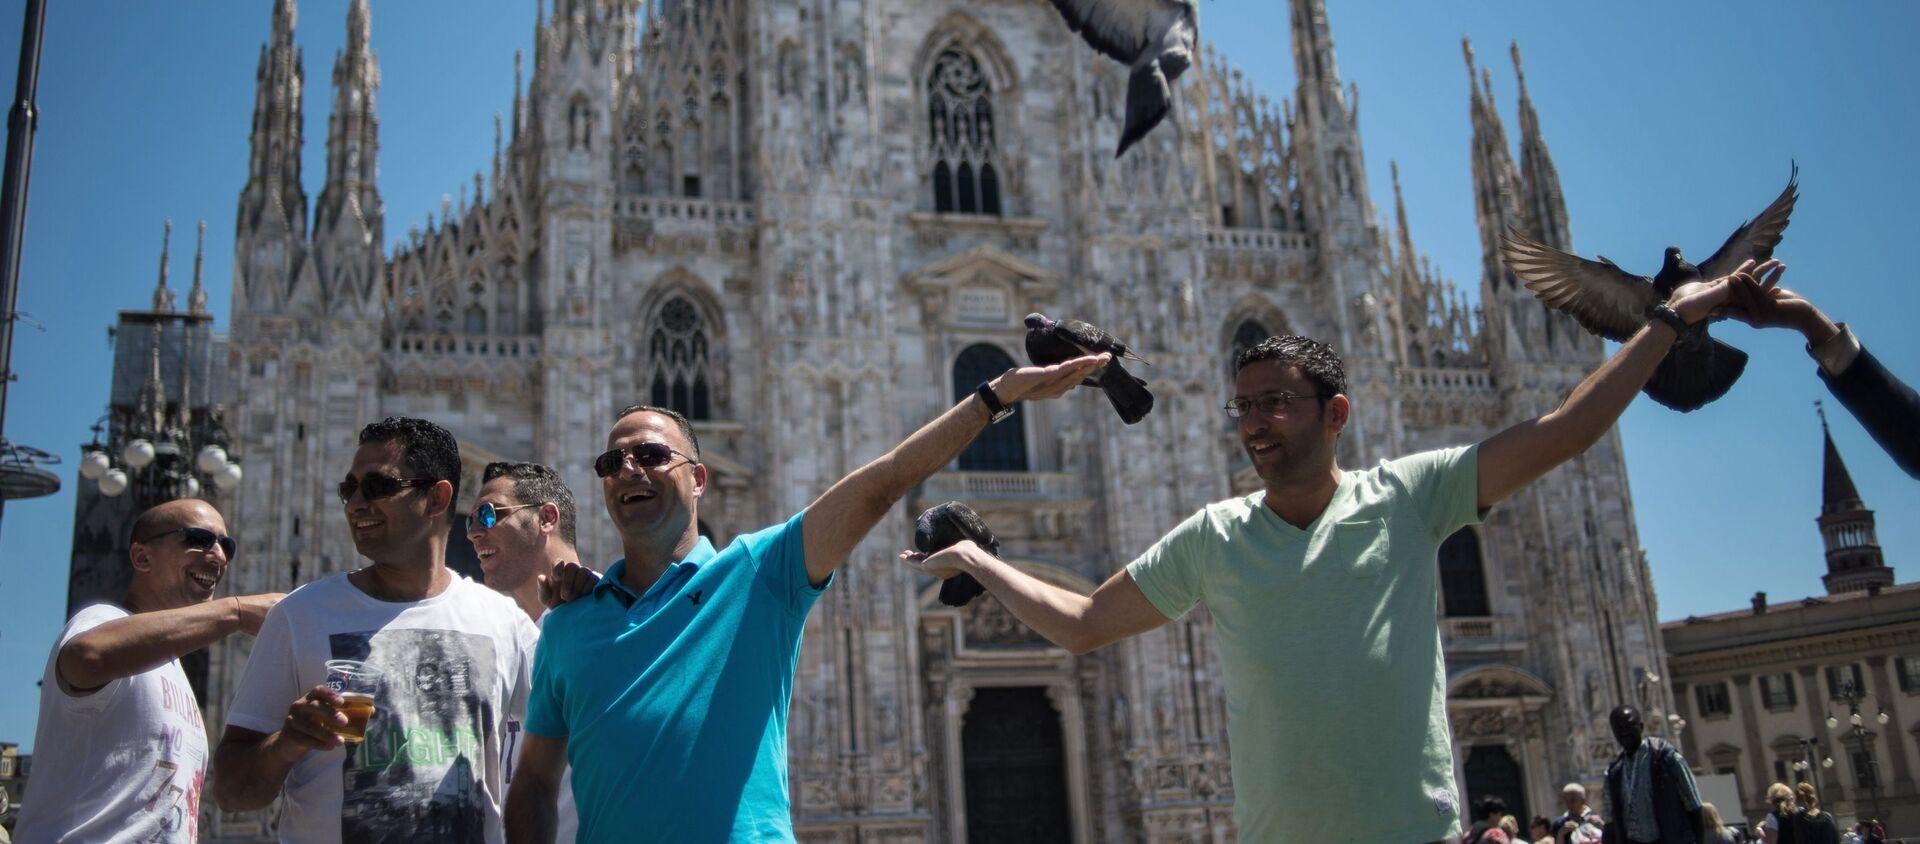 Milano, turisti in piazza Duomo (foto di repertorio) - Sputnik Italia, 1920, 01.07.2020